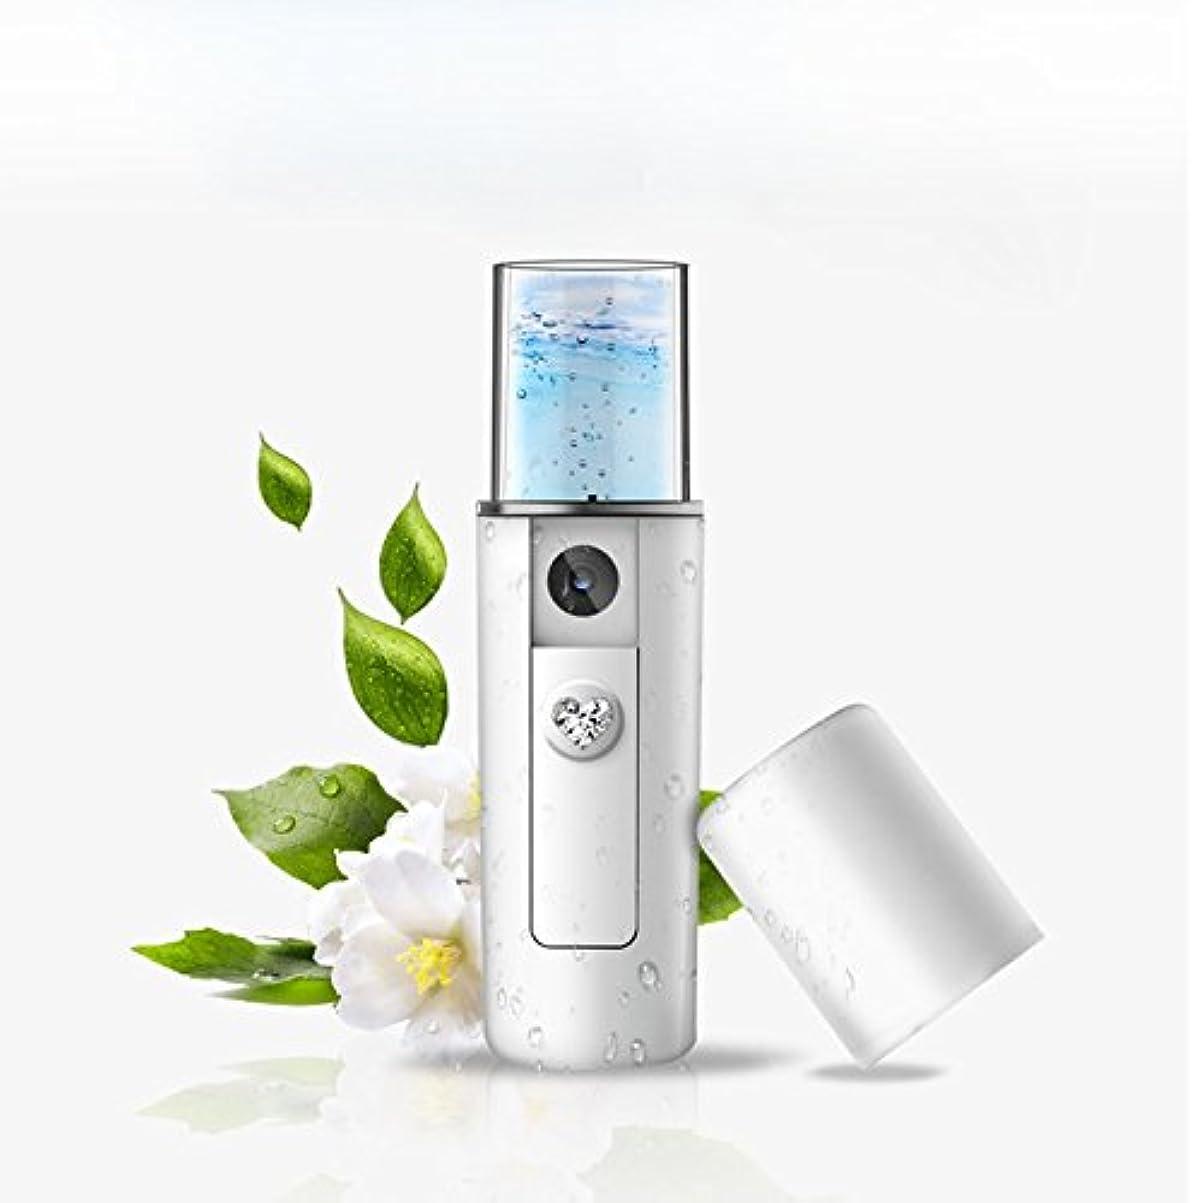 降下海絶望Portable Nano Mist Sprayer Facial Body Nebulizer Steamer Moisturizing Skin Care Mini USB Face Spray Beauty Instruments ポータブルナノミストスプレーフェイシャルボディネブライザースチーマー保湿スキンケアミニusbフェイススプレー美容器具